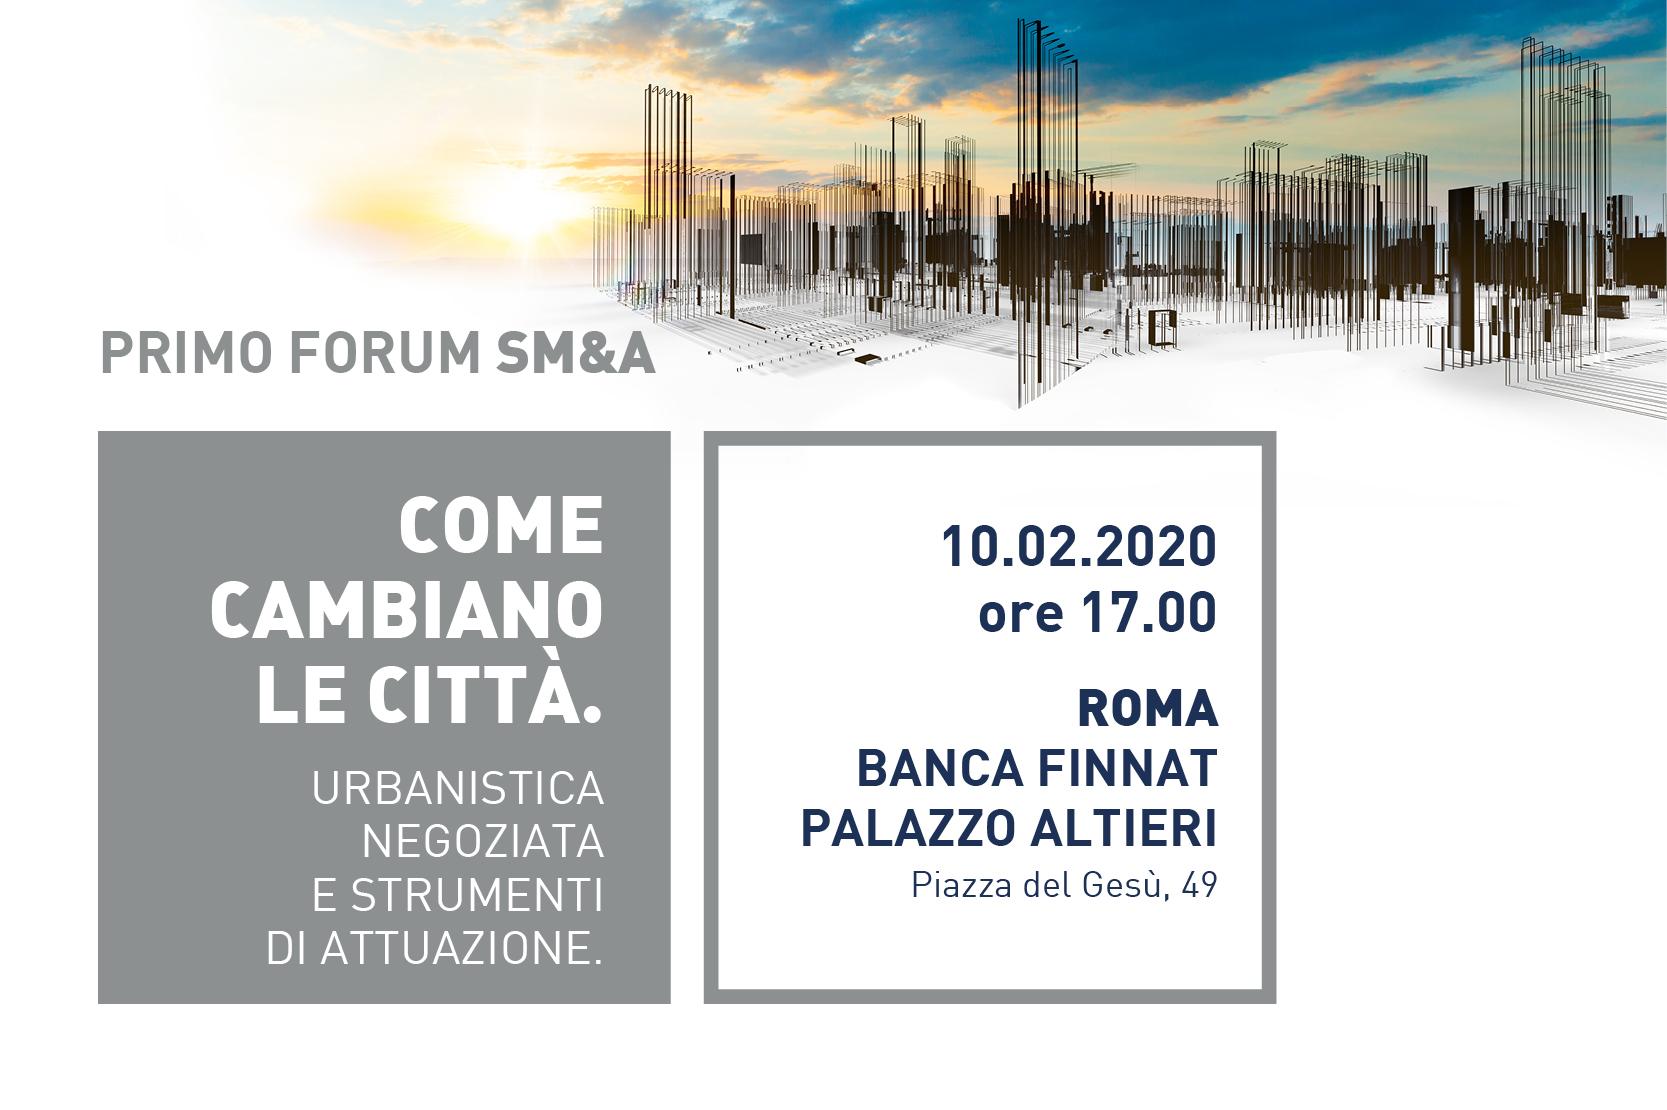 You are currently viewing Gruppo Stratego partner del Primo Forum SM&A presso la sede romana di Banca Finnat